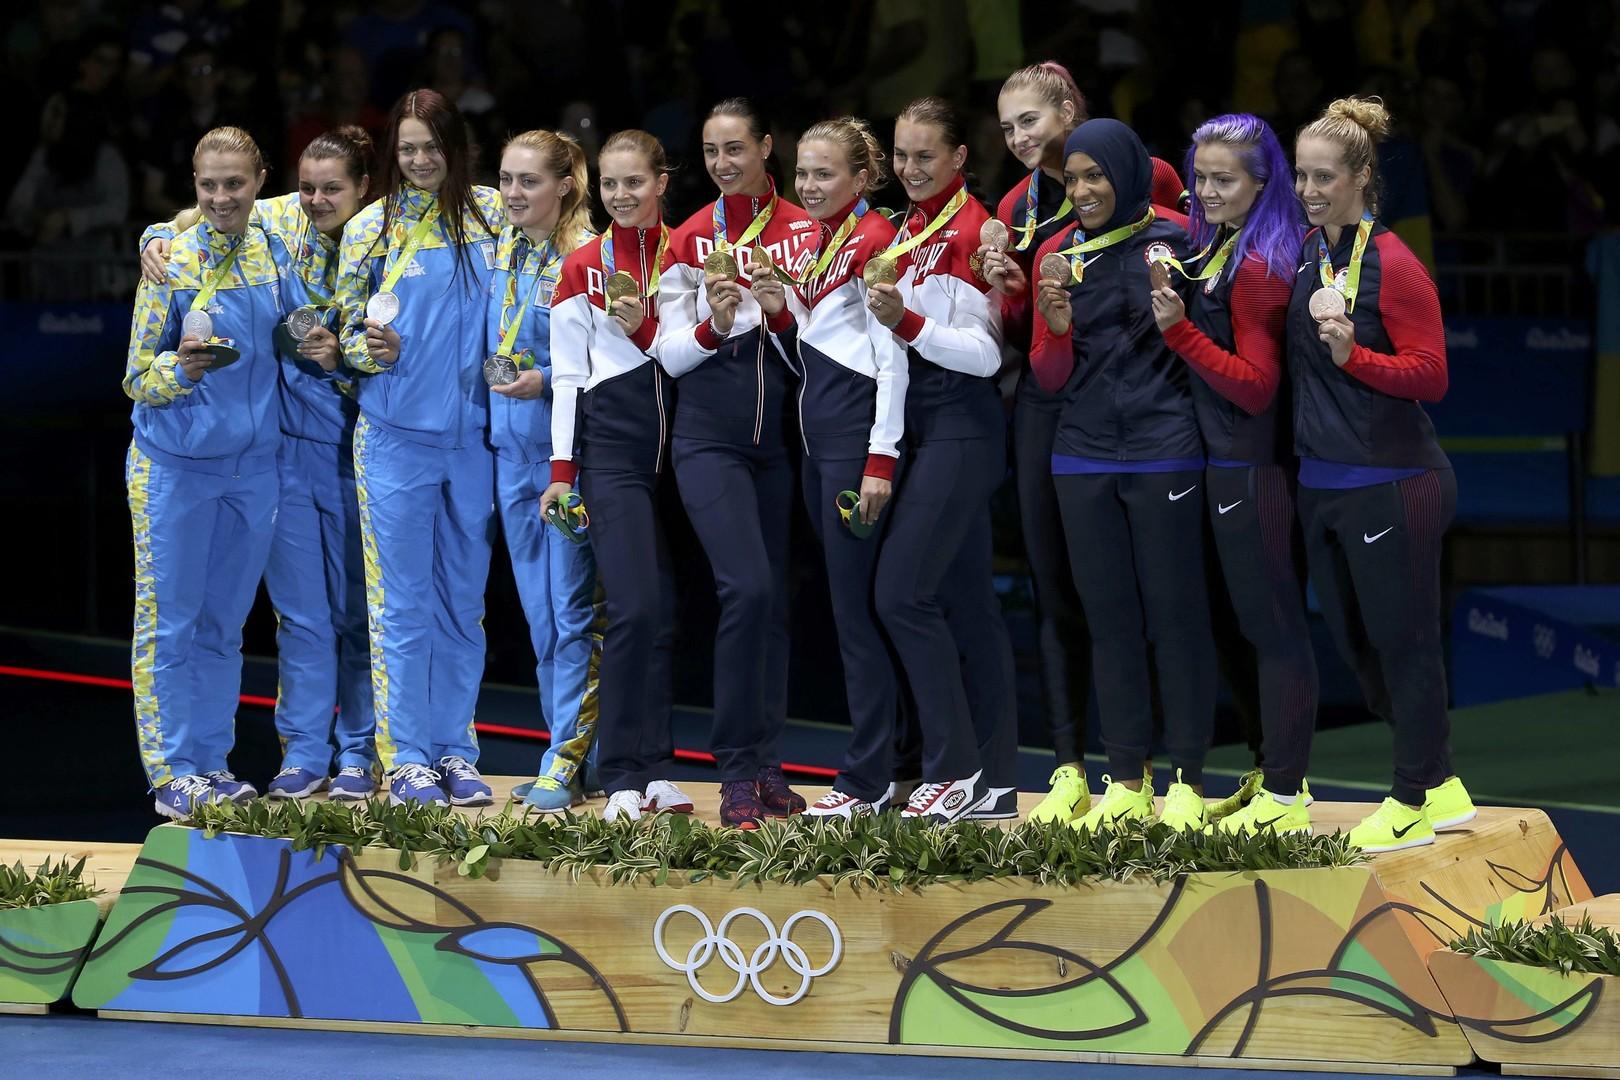 Церемония награждения в командном соревновании на саблях в Рио, где россиянки завоевали золото